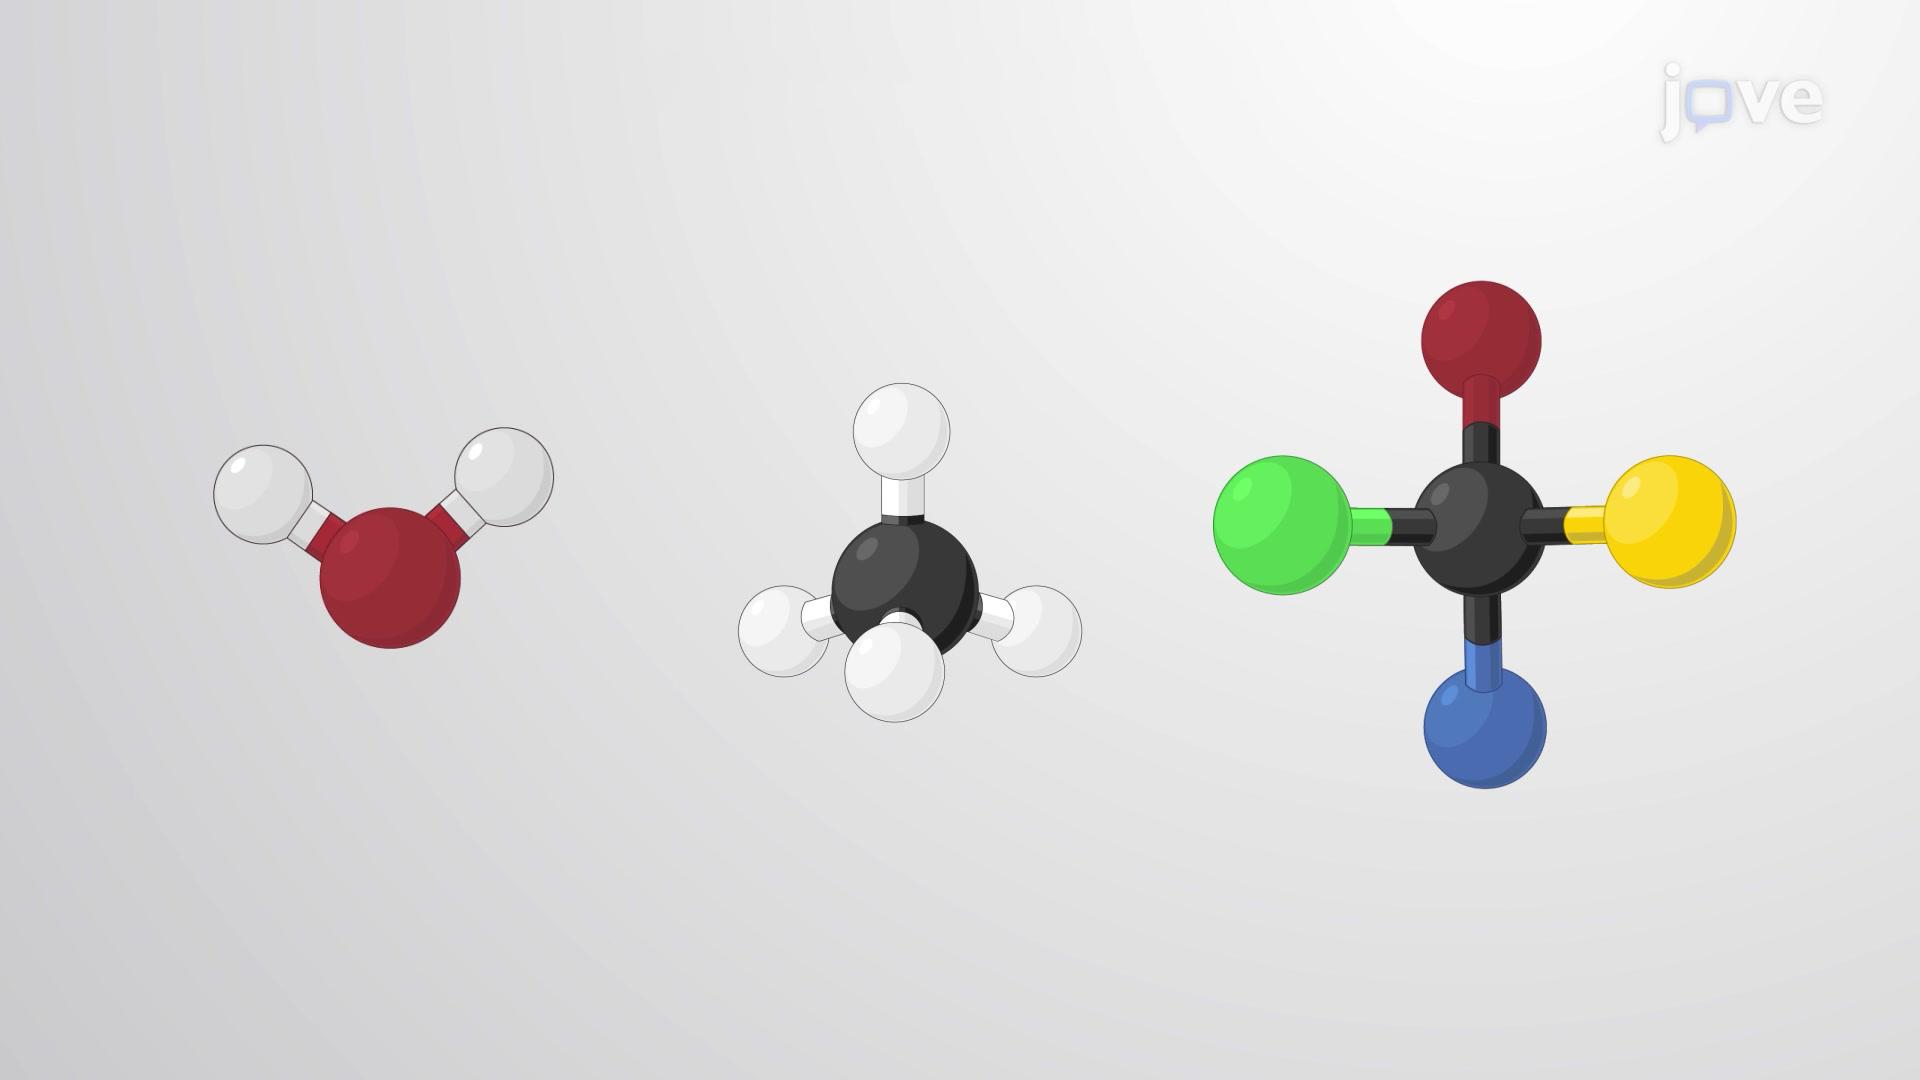 분자 모양